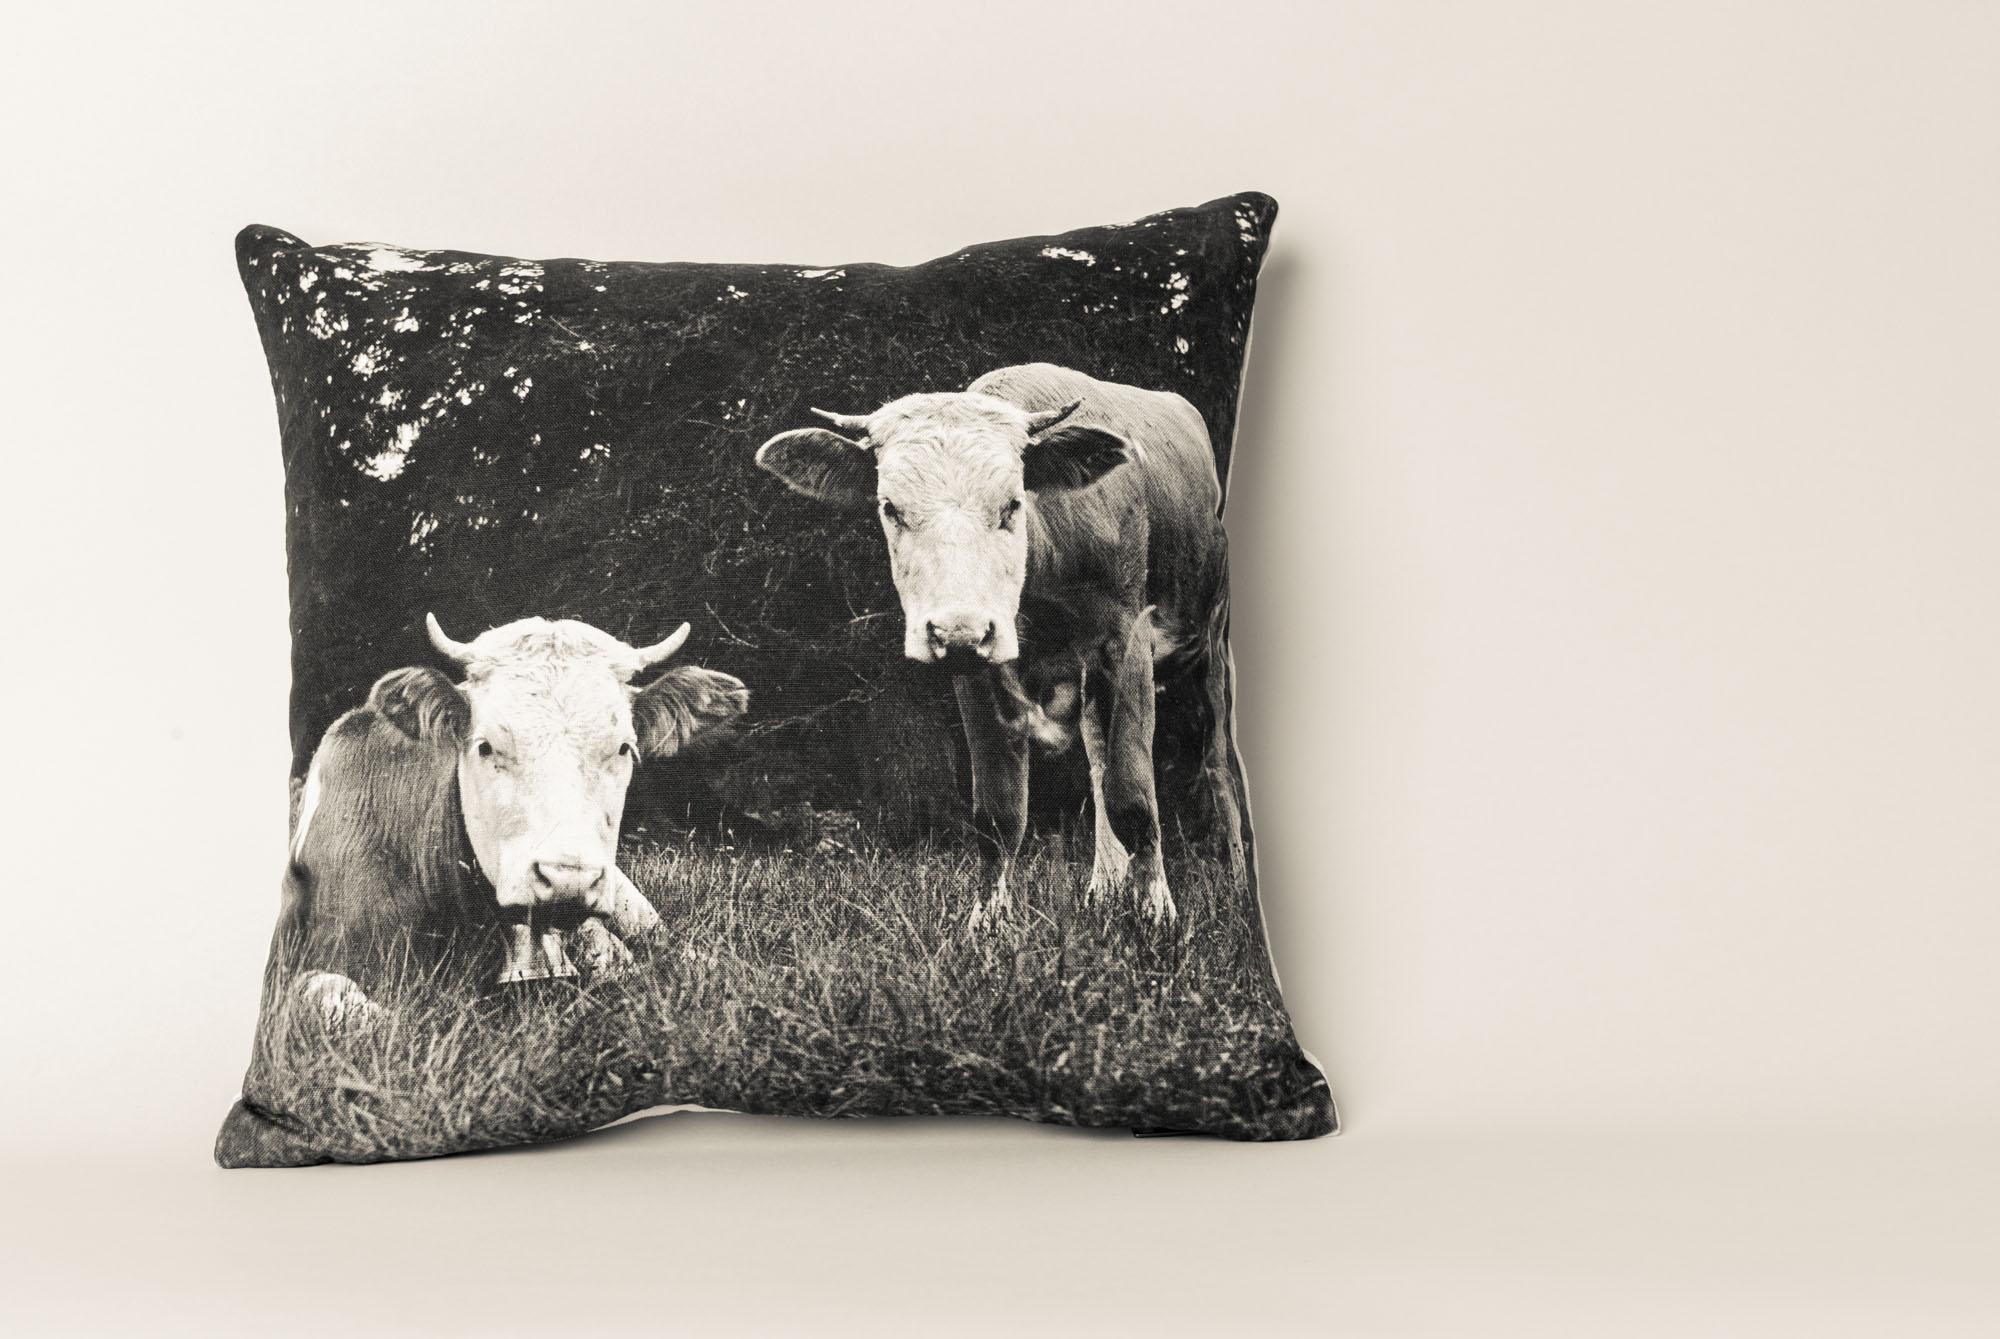 Cows, Switzerland, 1923